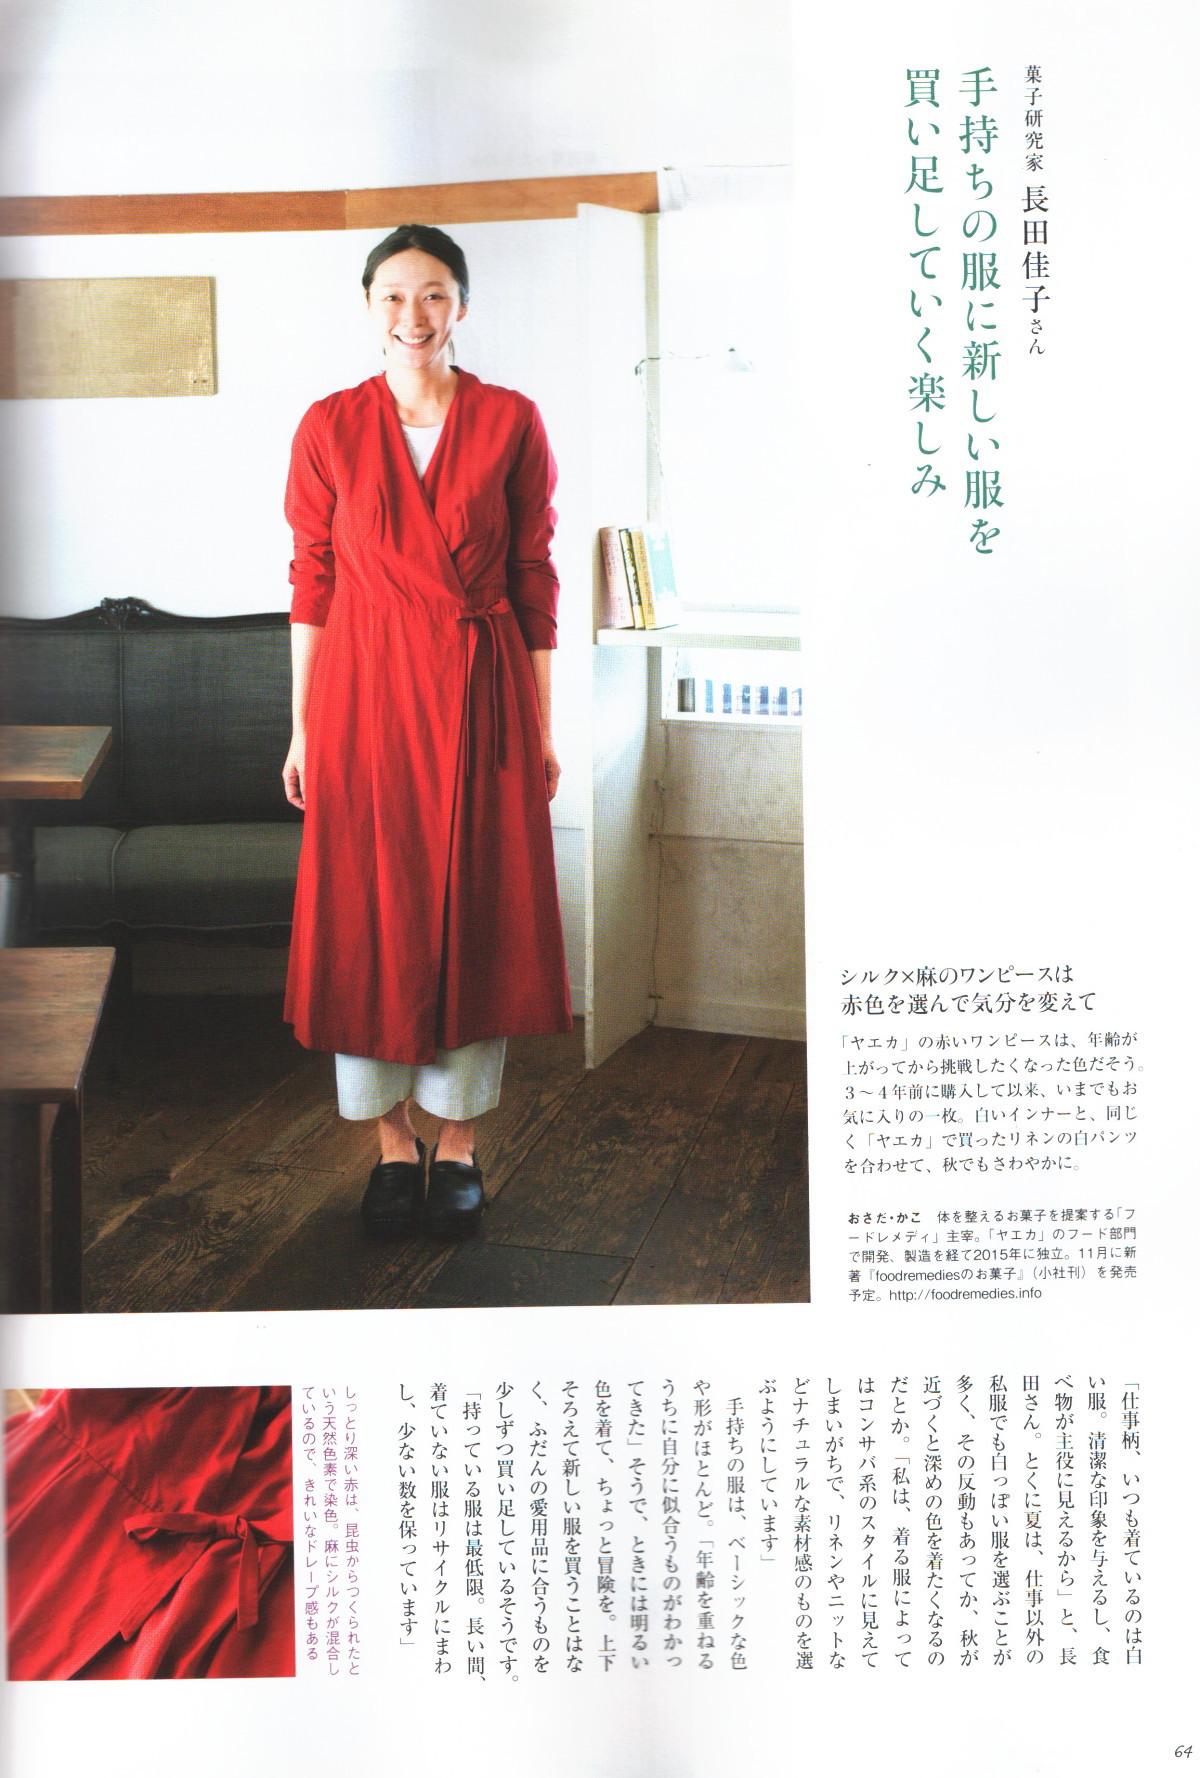 ダンスコ プロフェッショナル Dansko Professional 【天然生活11月号】